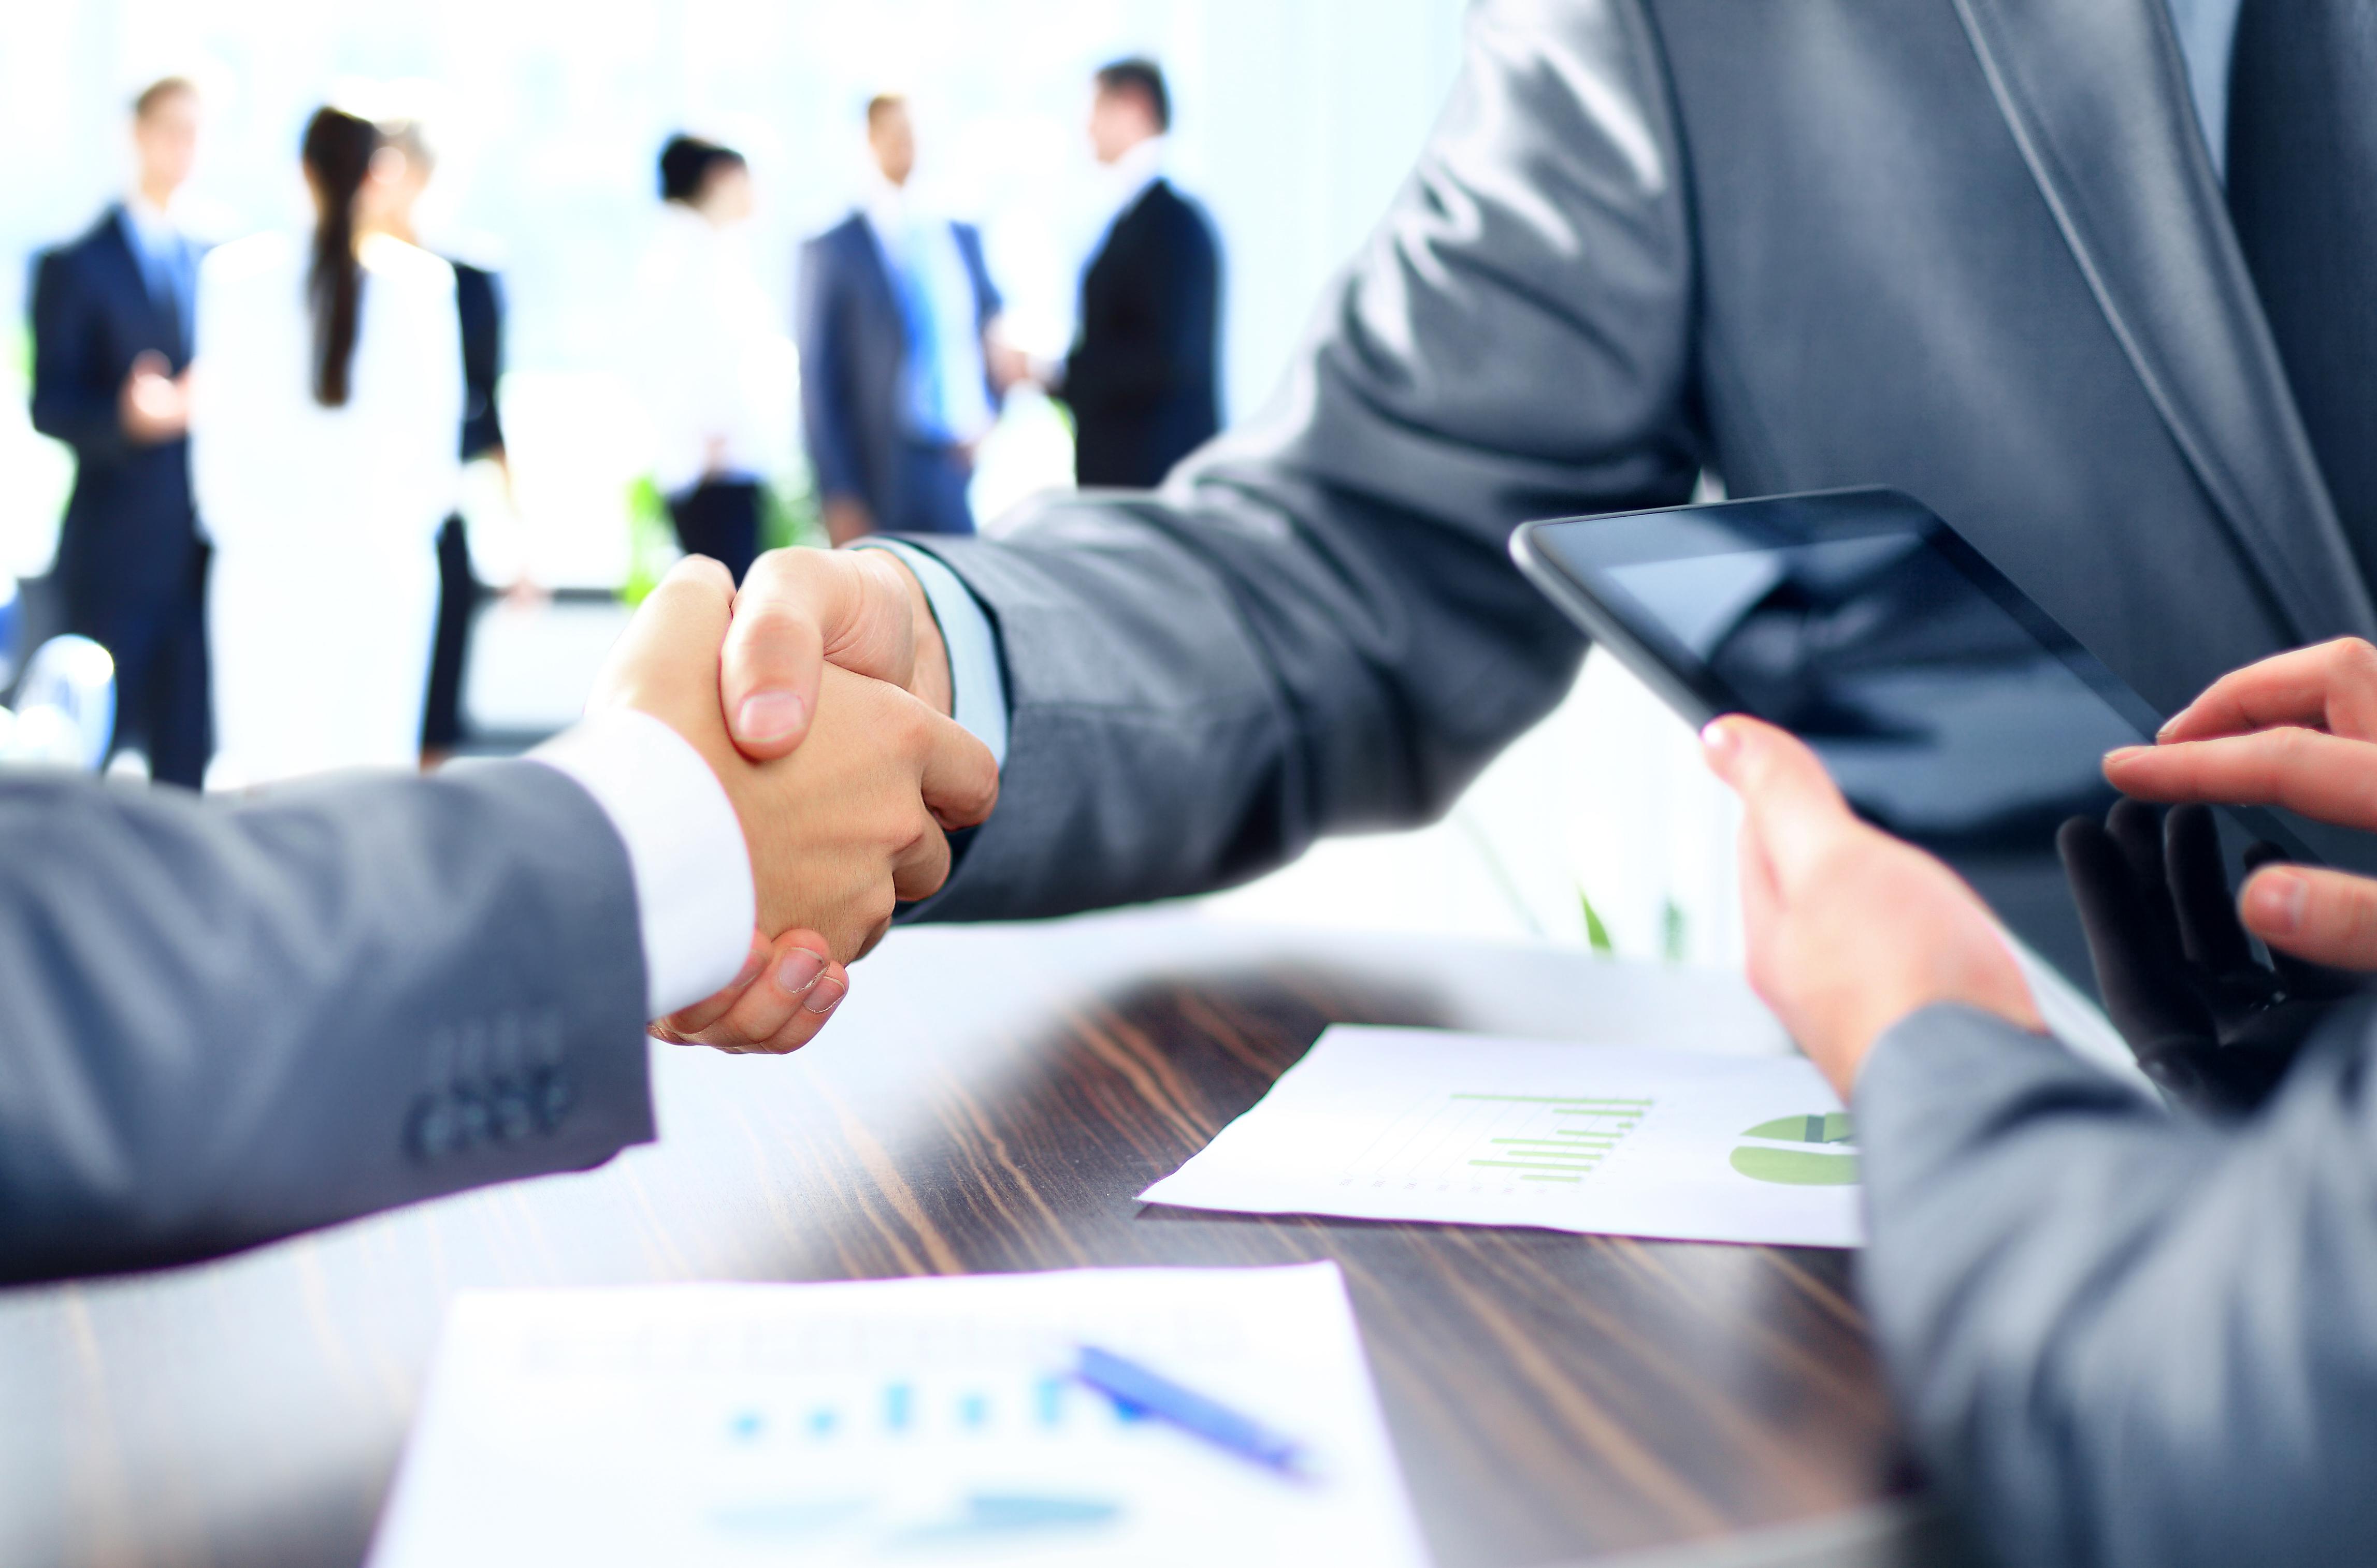 Contratto di compravendita internazionale. Autonomia contrattuale e tutela delle parti